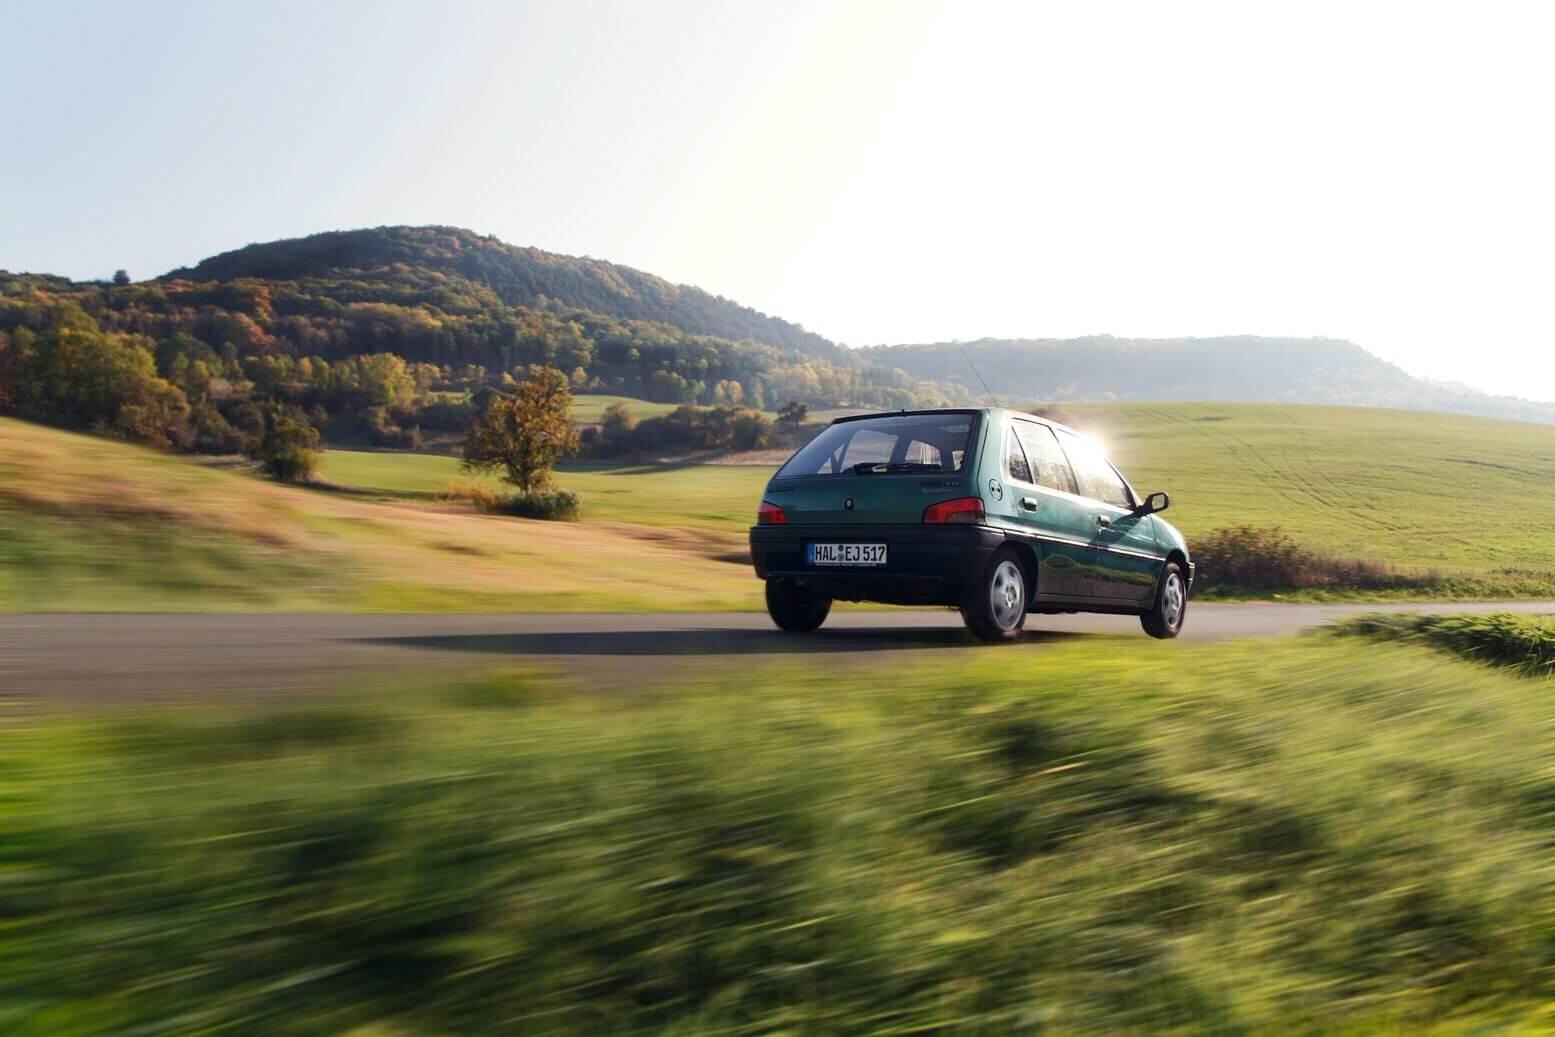 Peugeot 106 nähe Jena. Erik Draeger Photography